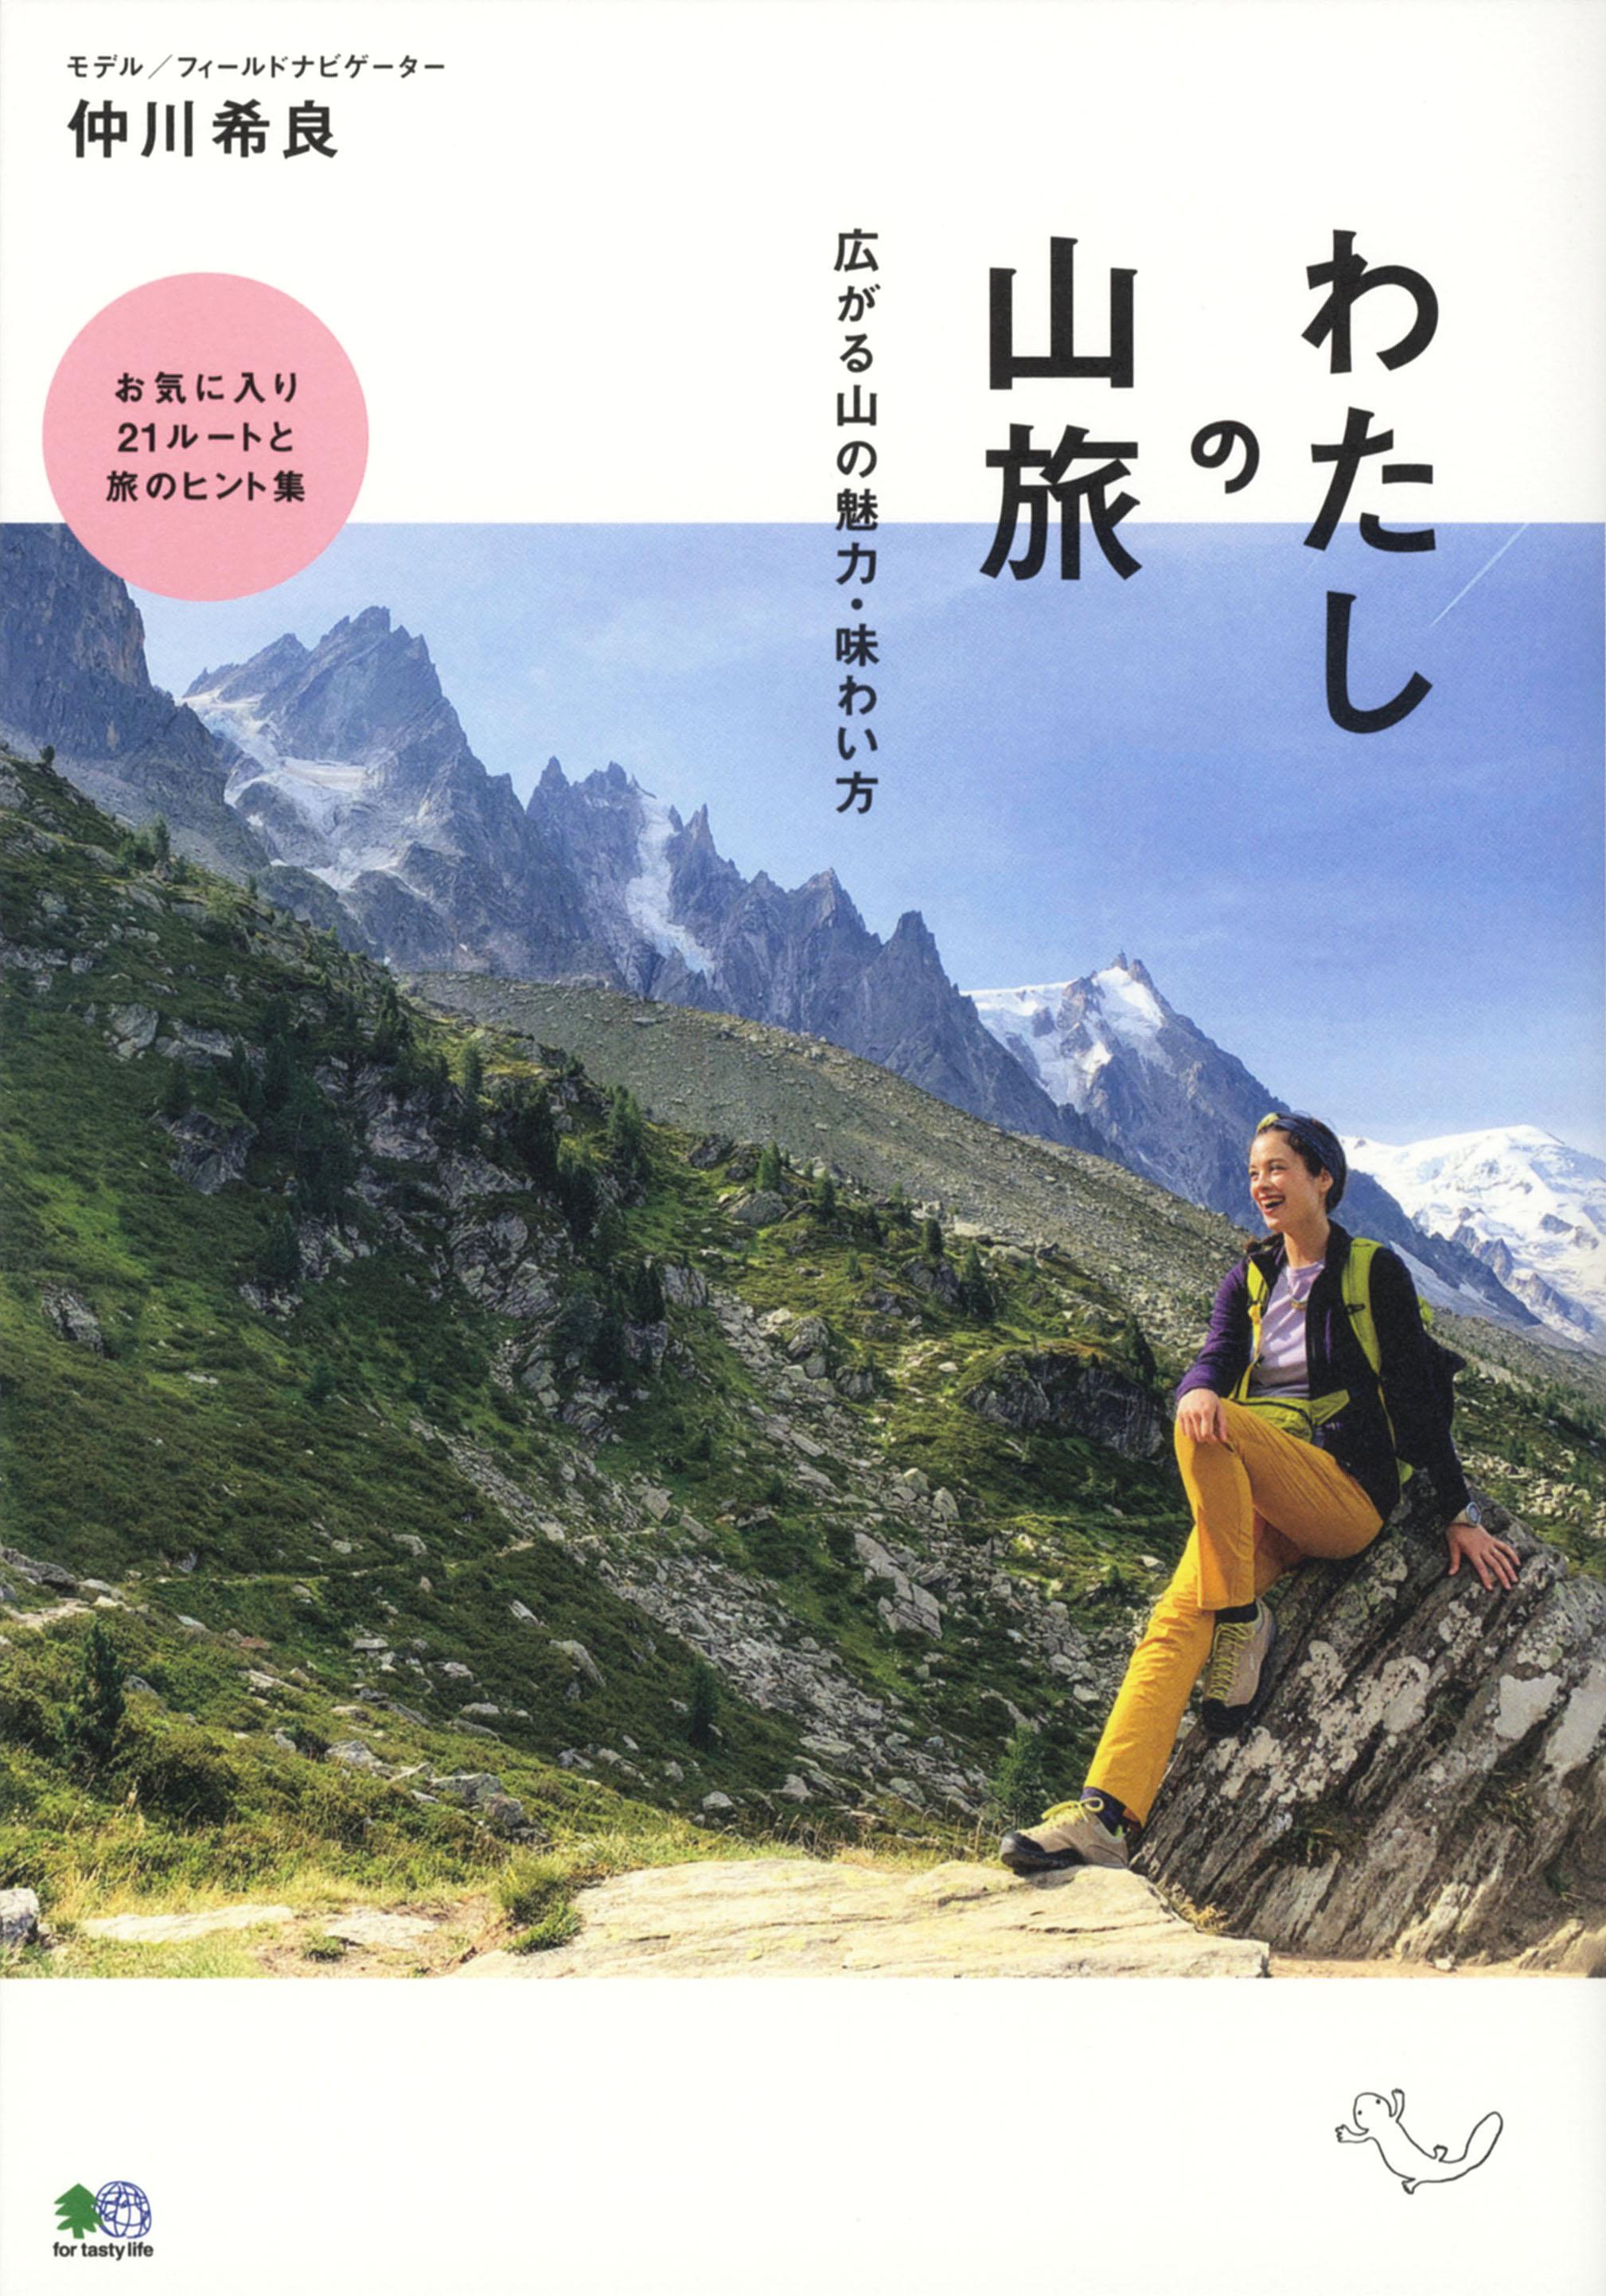 わたしの山旅 広がる山の魅力・味わい方